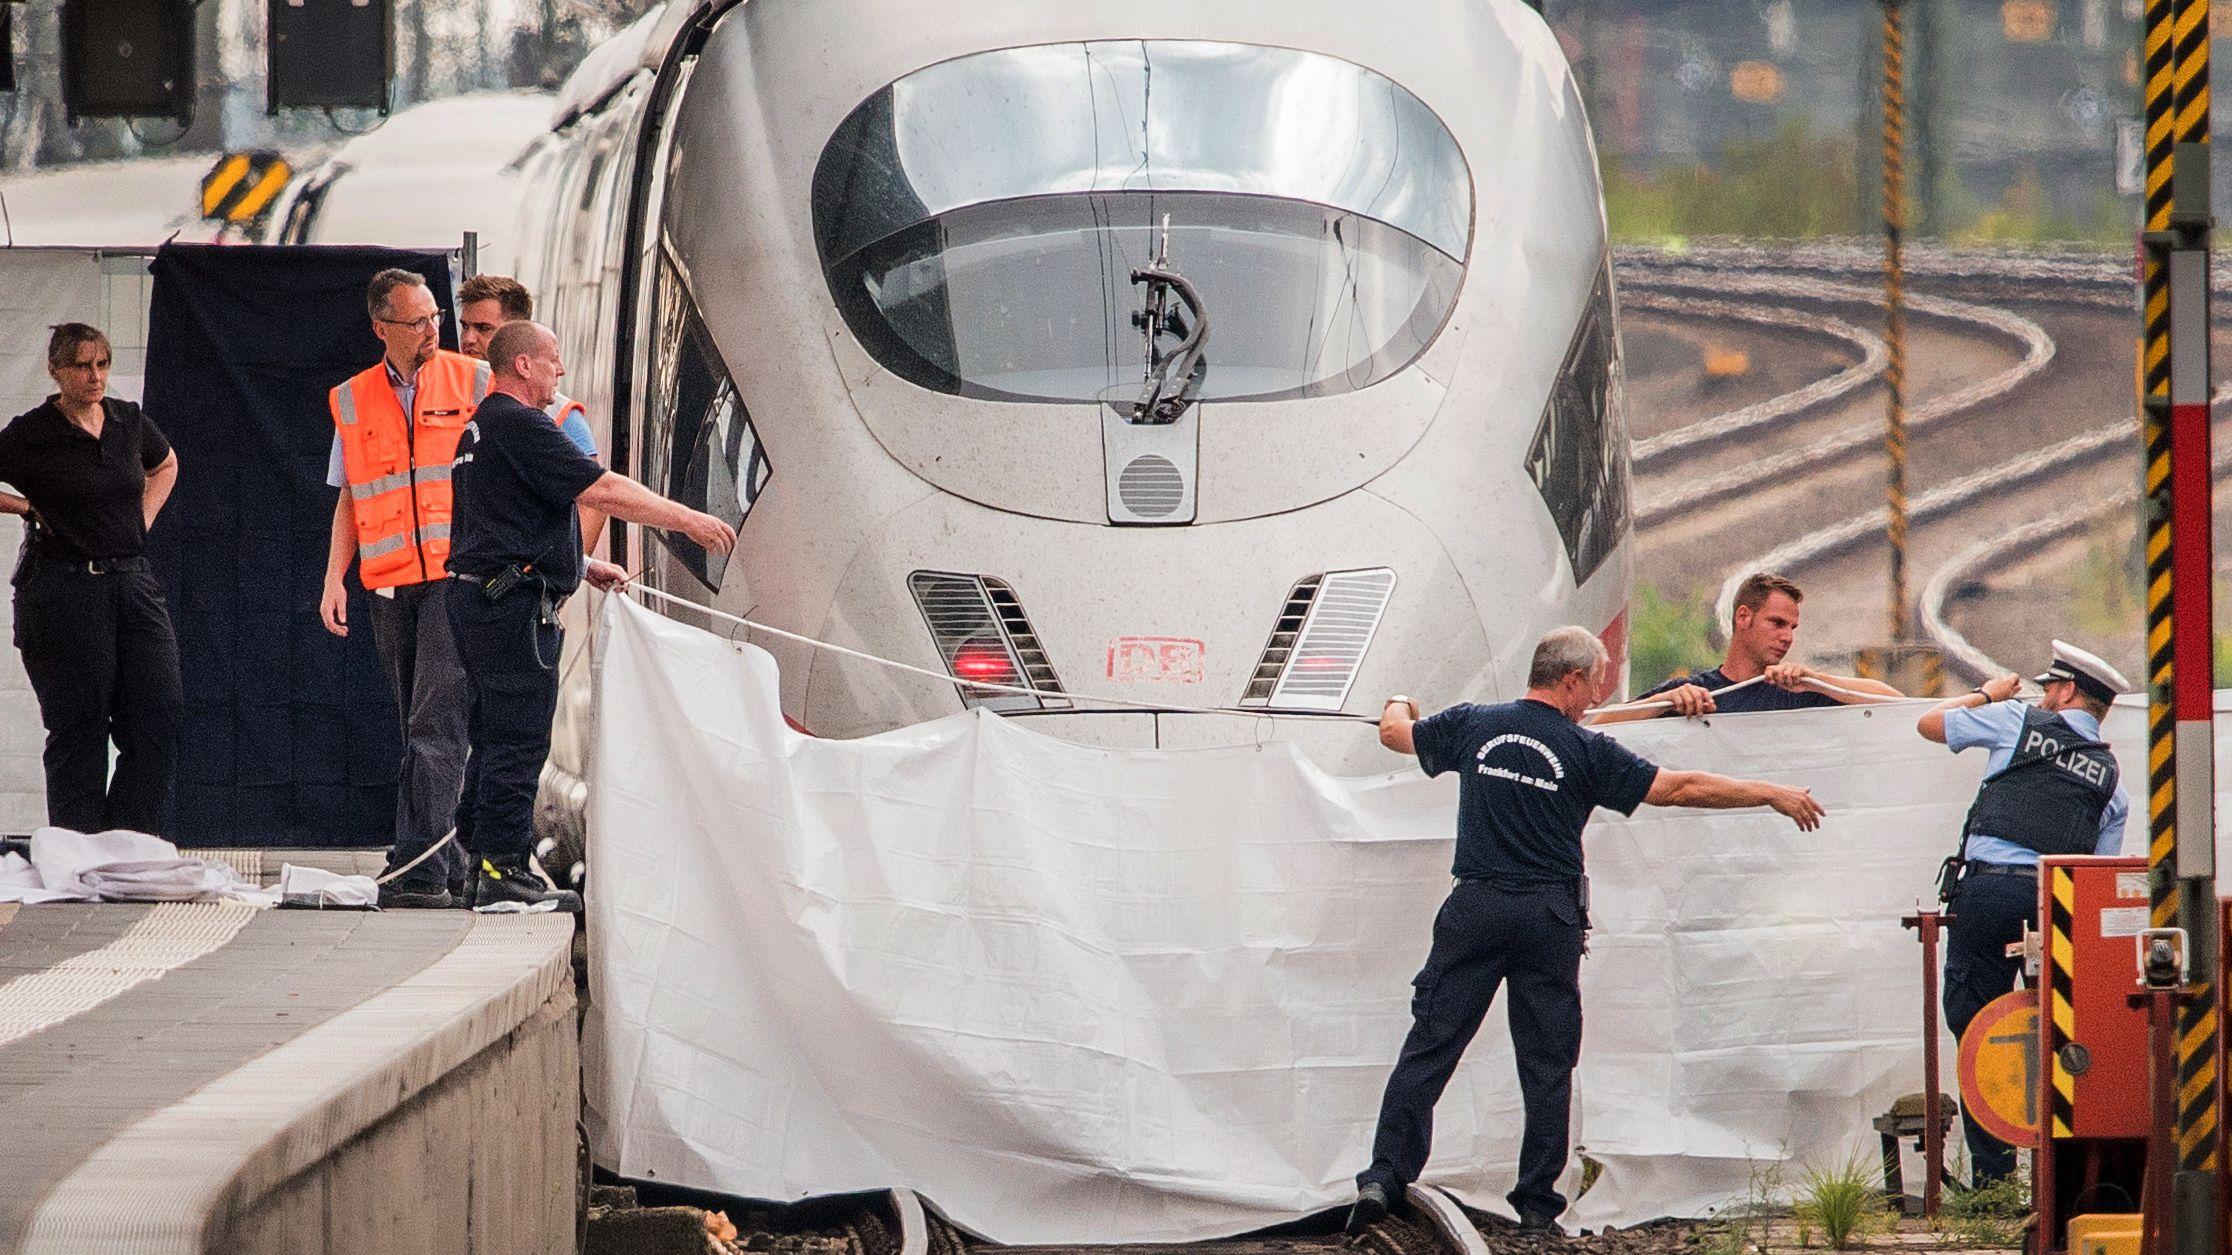 Polizisten und Feuerwehrleute spannen im Hauptbahnhof eine weiße Plane als Sichtschutz vor einen ICE. Ein achtjähriger Junge ist im Frankfurter Hauptbahnhof von einem Mann vor den einfahrenden ICE gestoßen und getötet worden.